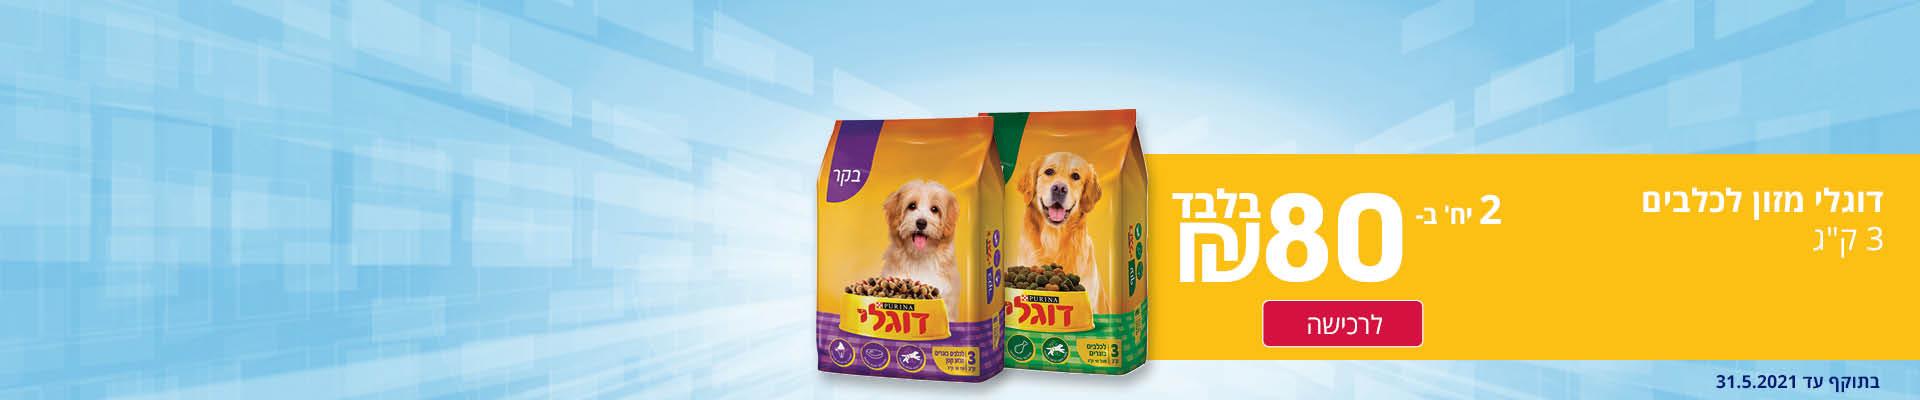 """דוגלי מזון לכלבים 3 ק""""ג 2 יח' ב- 80 ₪ בלבד לרכישה בתוקף עד 31.5.2021"""